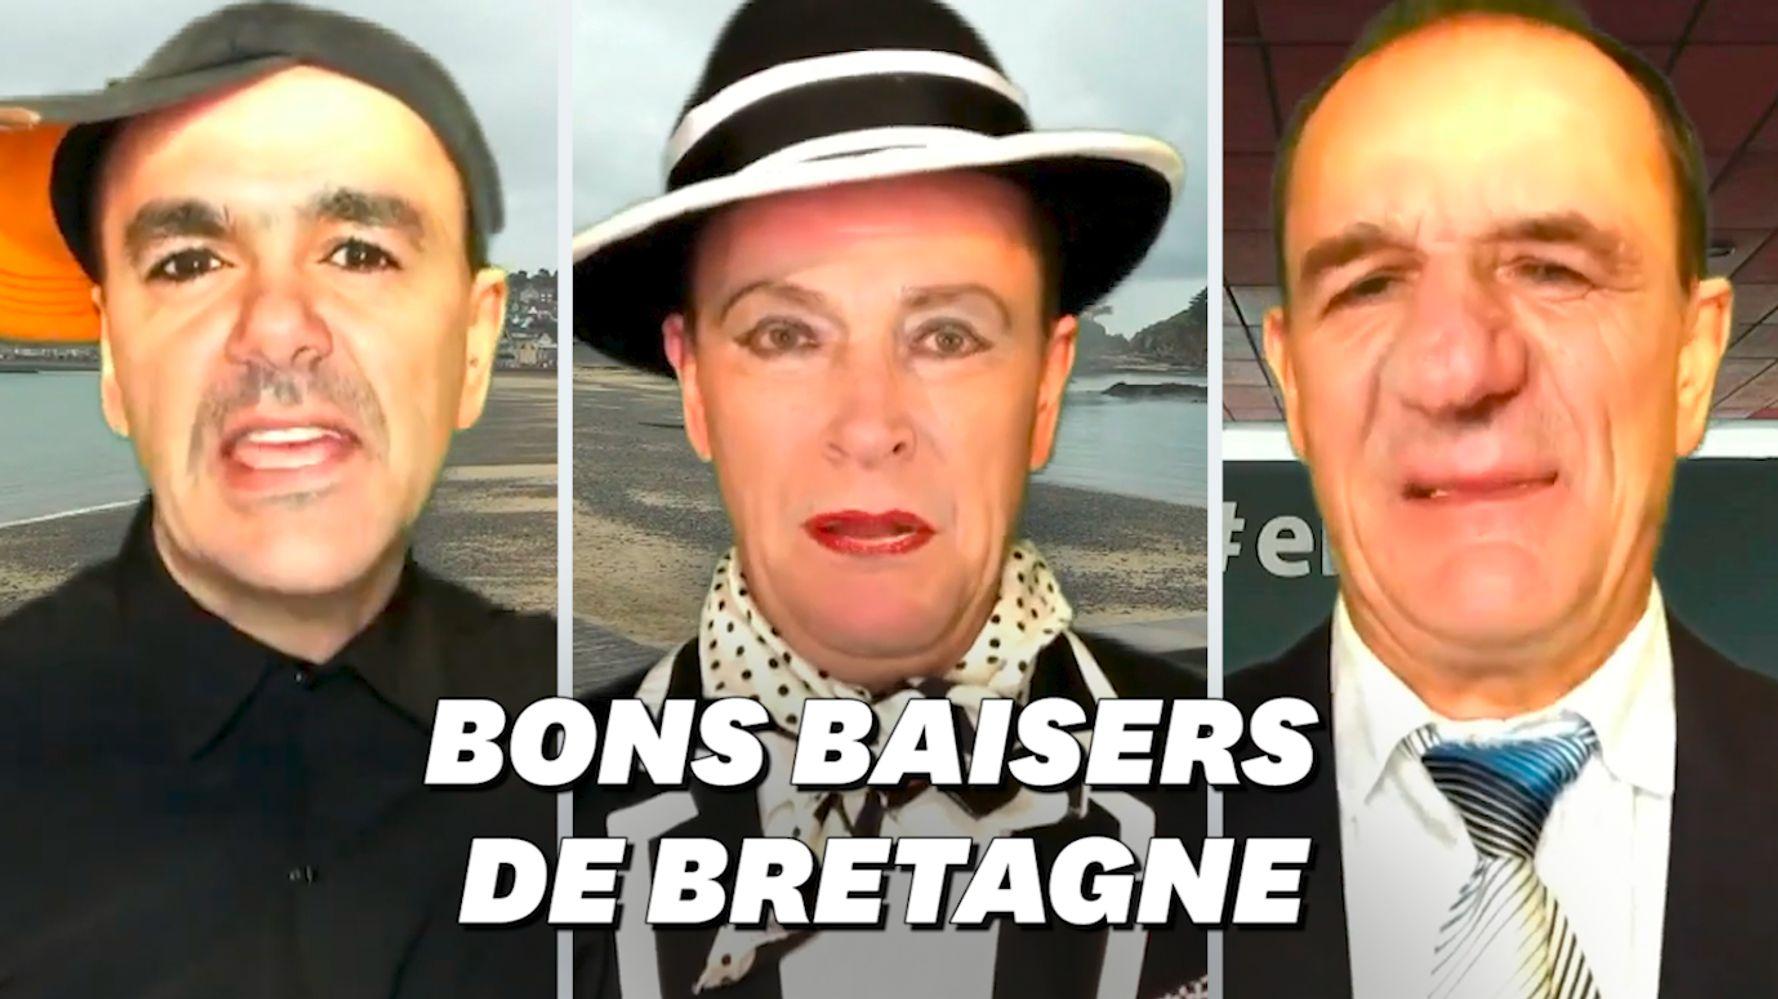 Les vœux peu conventionnels du maire d'Erquy dans les Côtes d'Armor